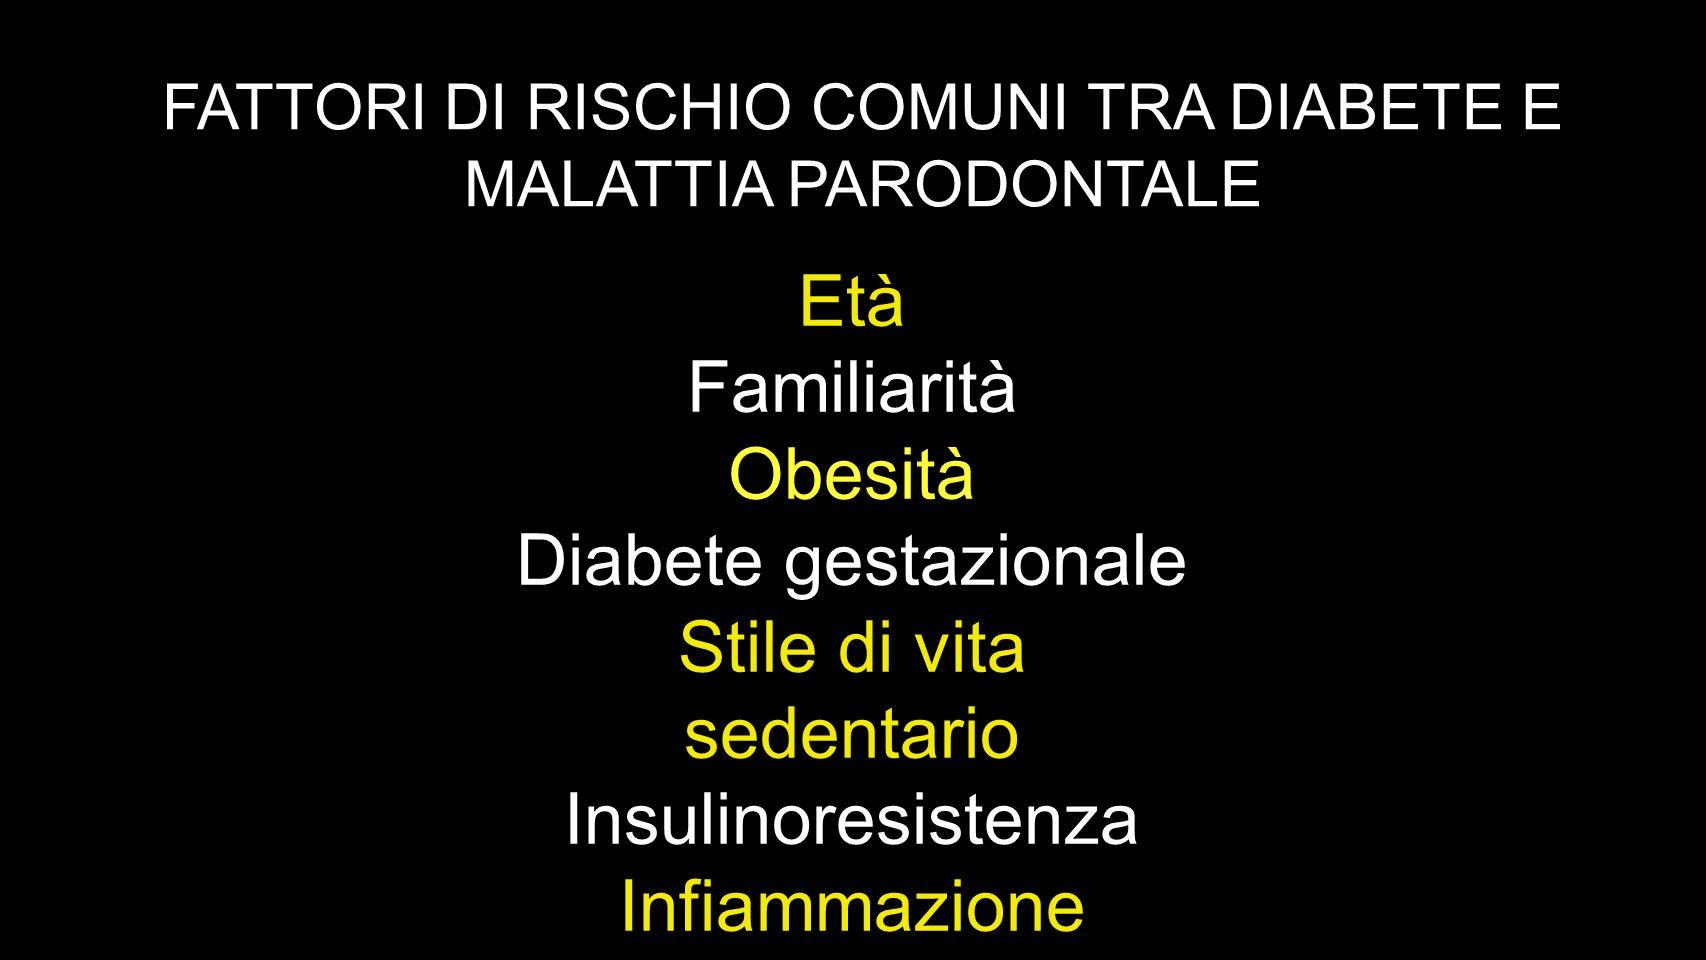 FATTORI DI RISCHIO COMUNI TRA DIABETE E MALATTIA PARODONTALE Età Familiarità Obesità Diabete gestazionale Stile di vita sedentario Insulinoresistenza Infiammazione